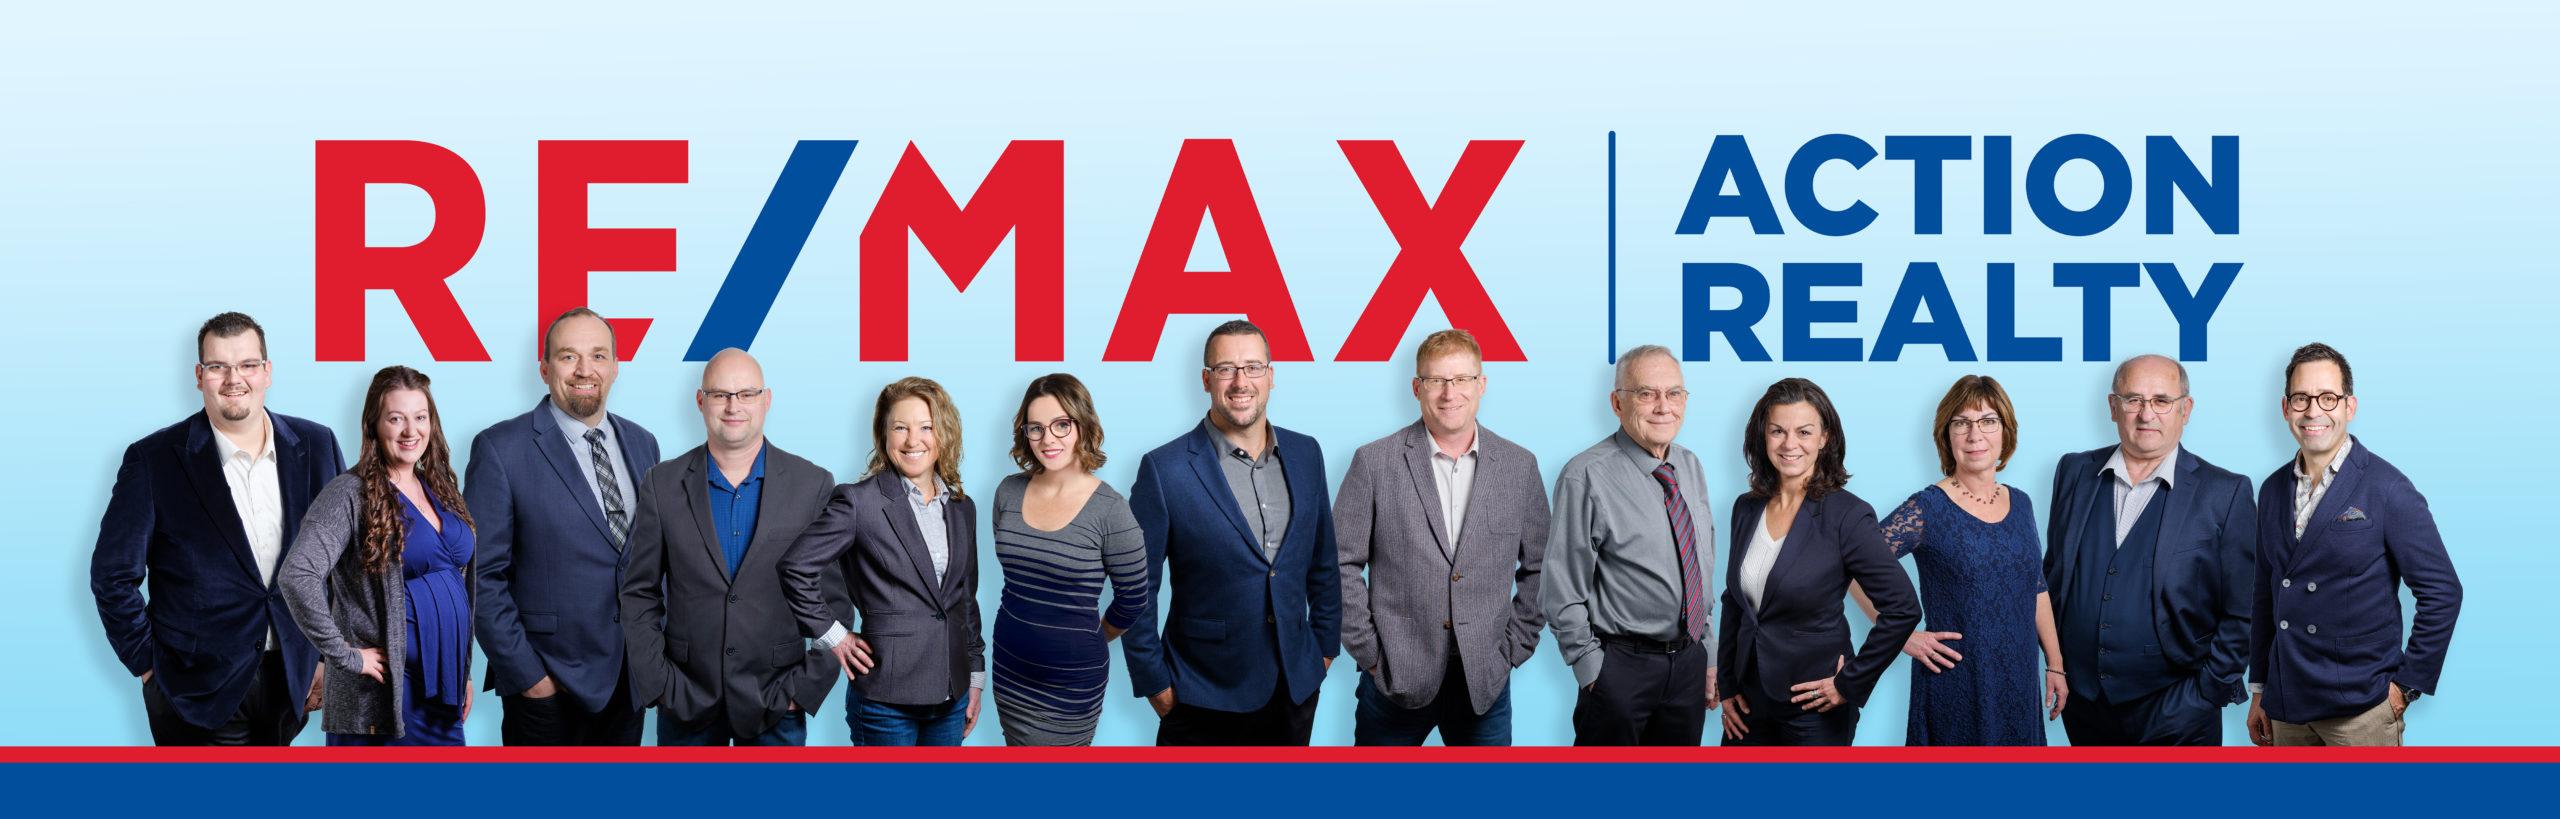 ReMax Yukon Group 2020